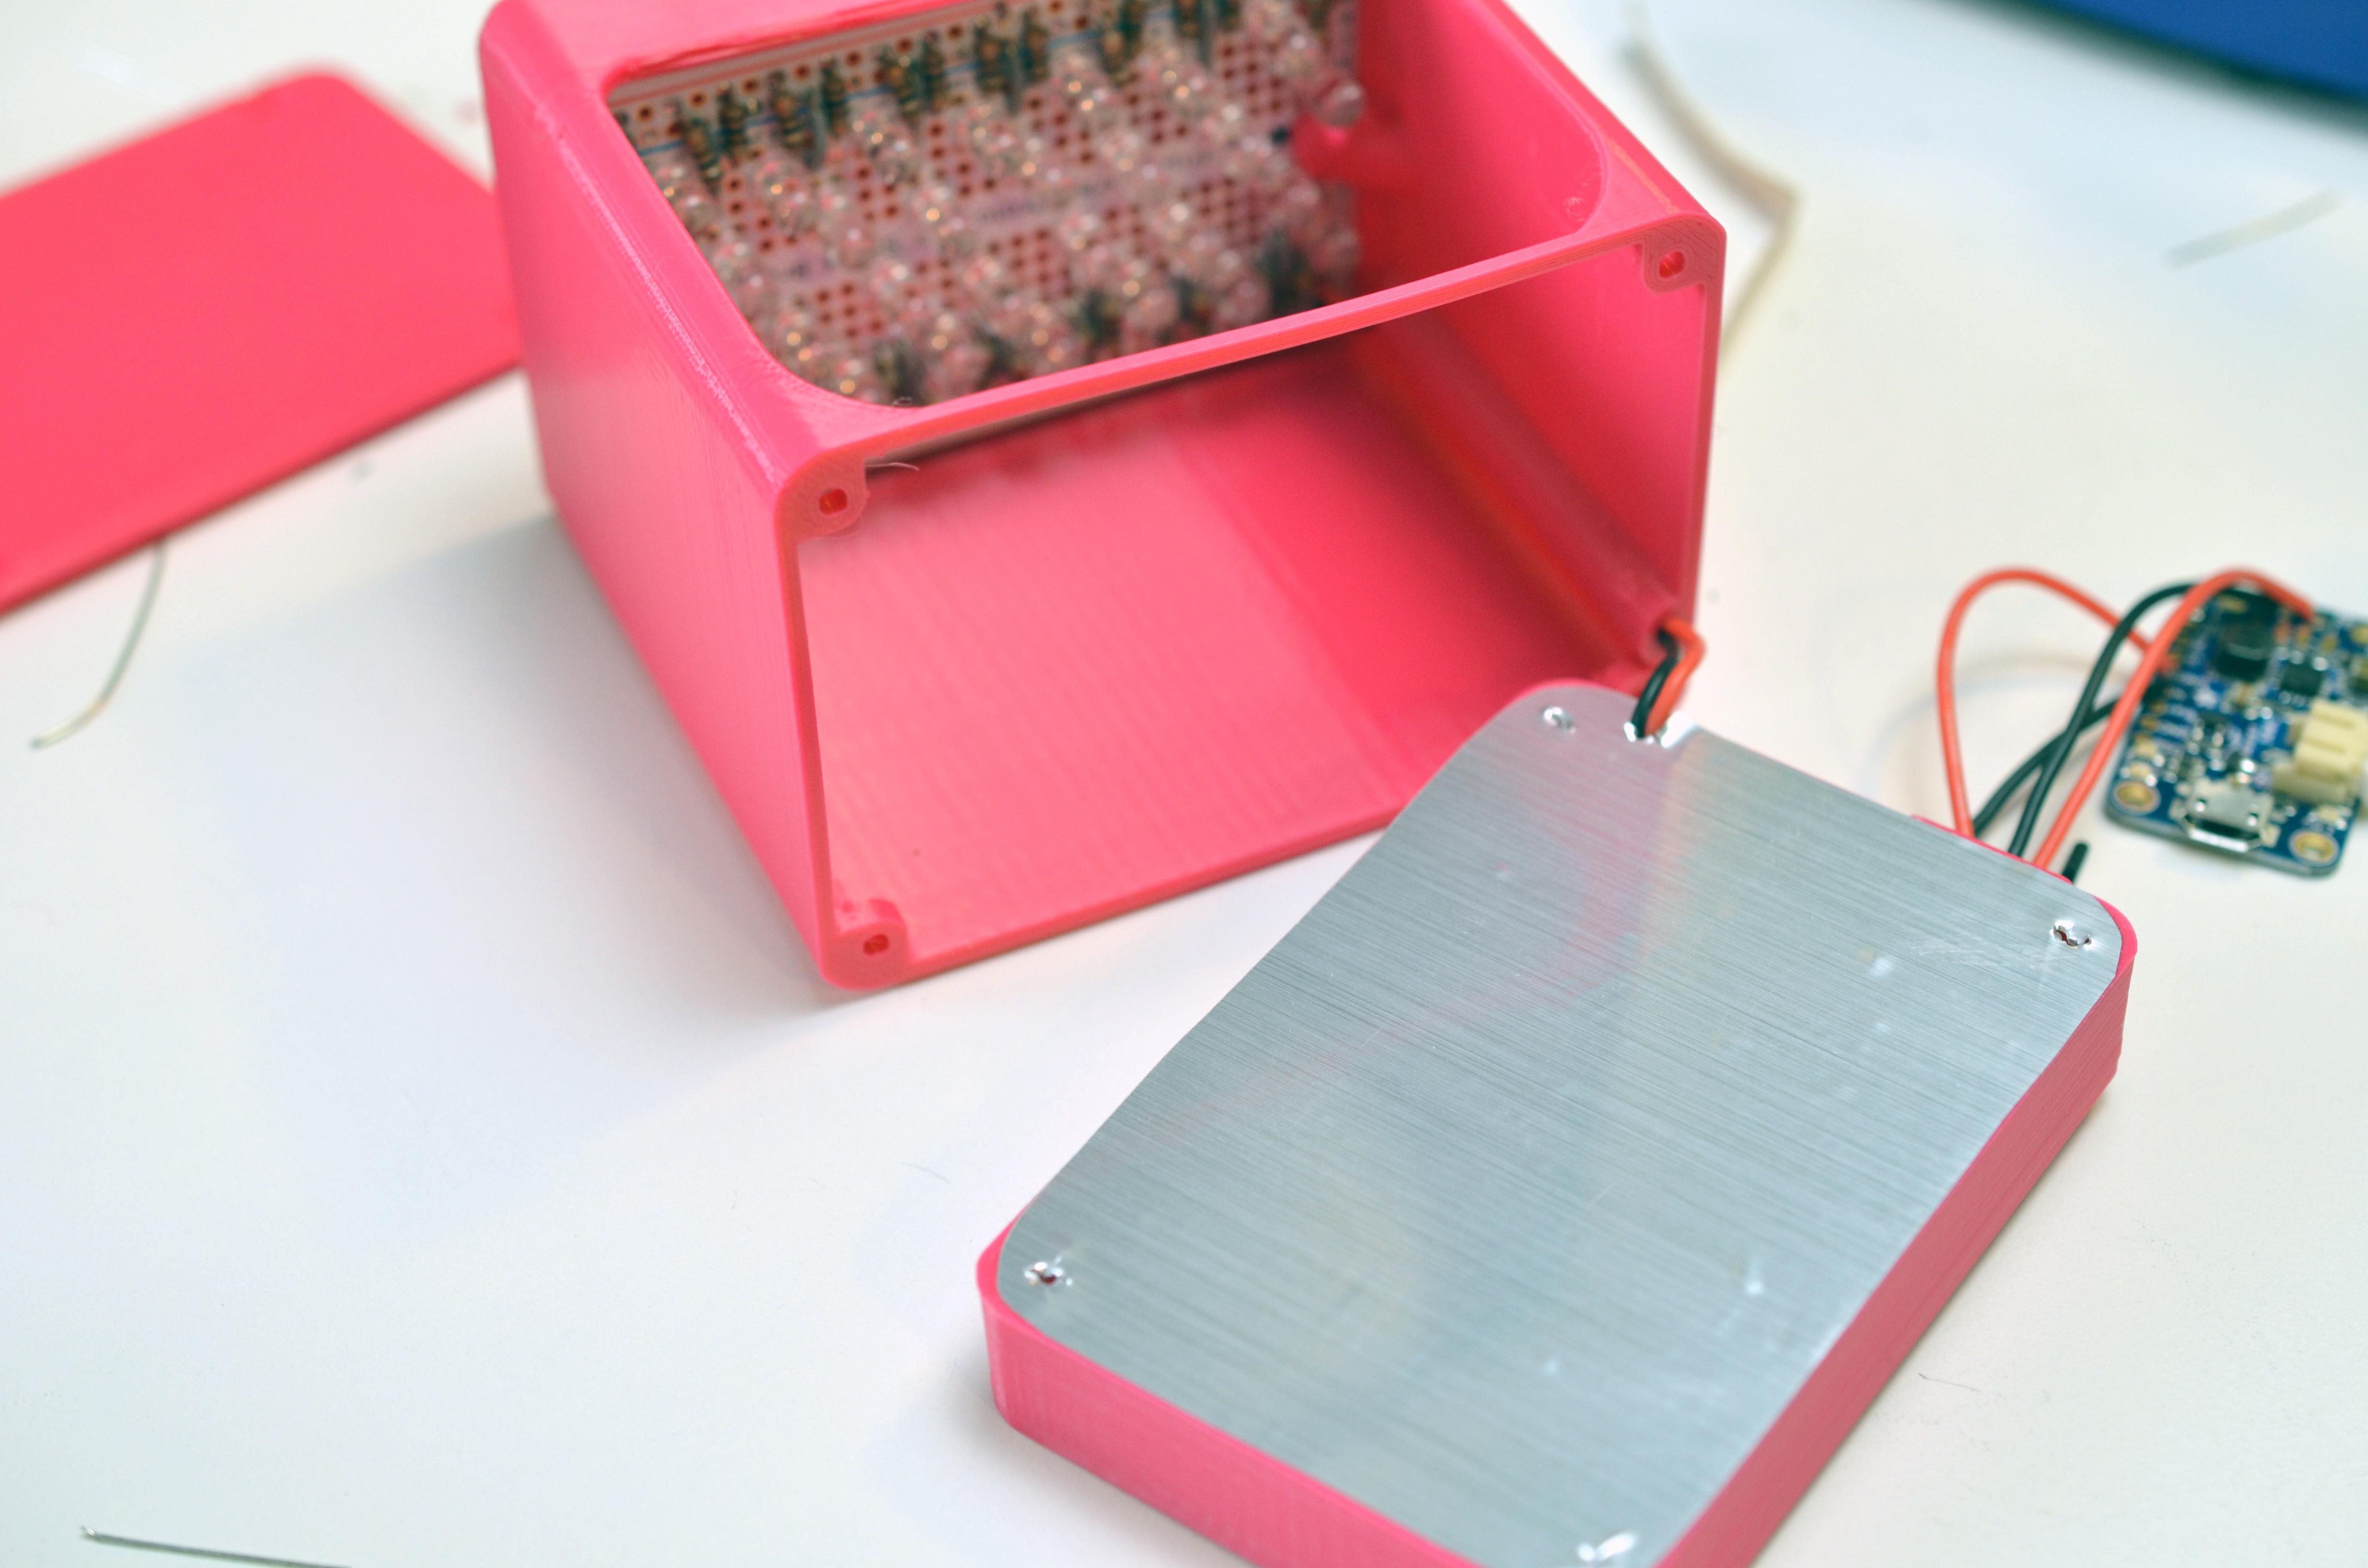 leds_uv-manicure-lamp-shiny.jpg